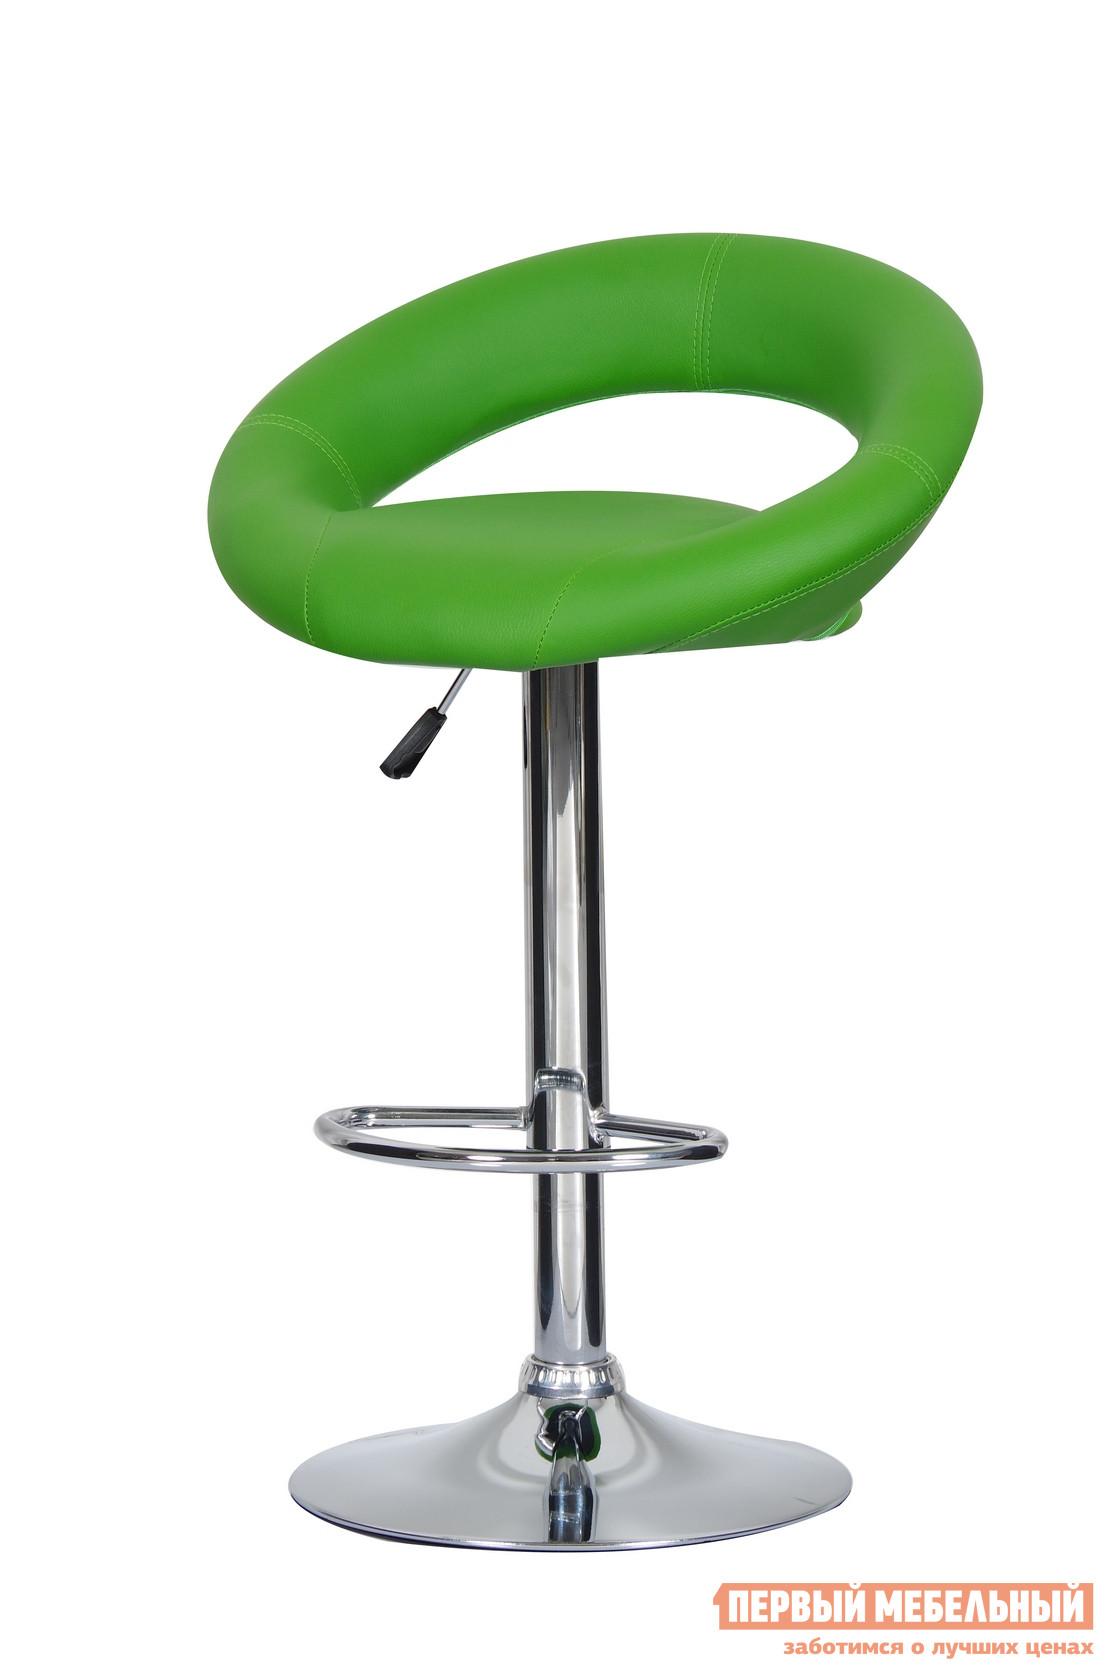 Барный стул Паоли Mira CColl T-307G-1 Original